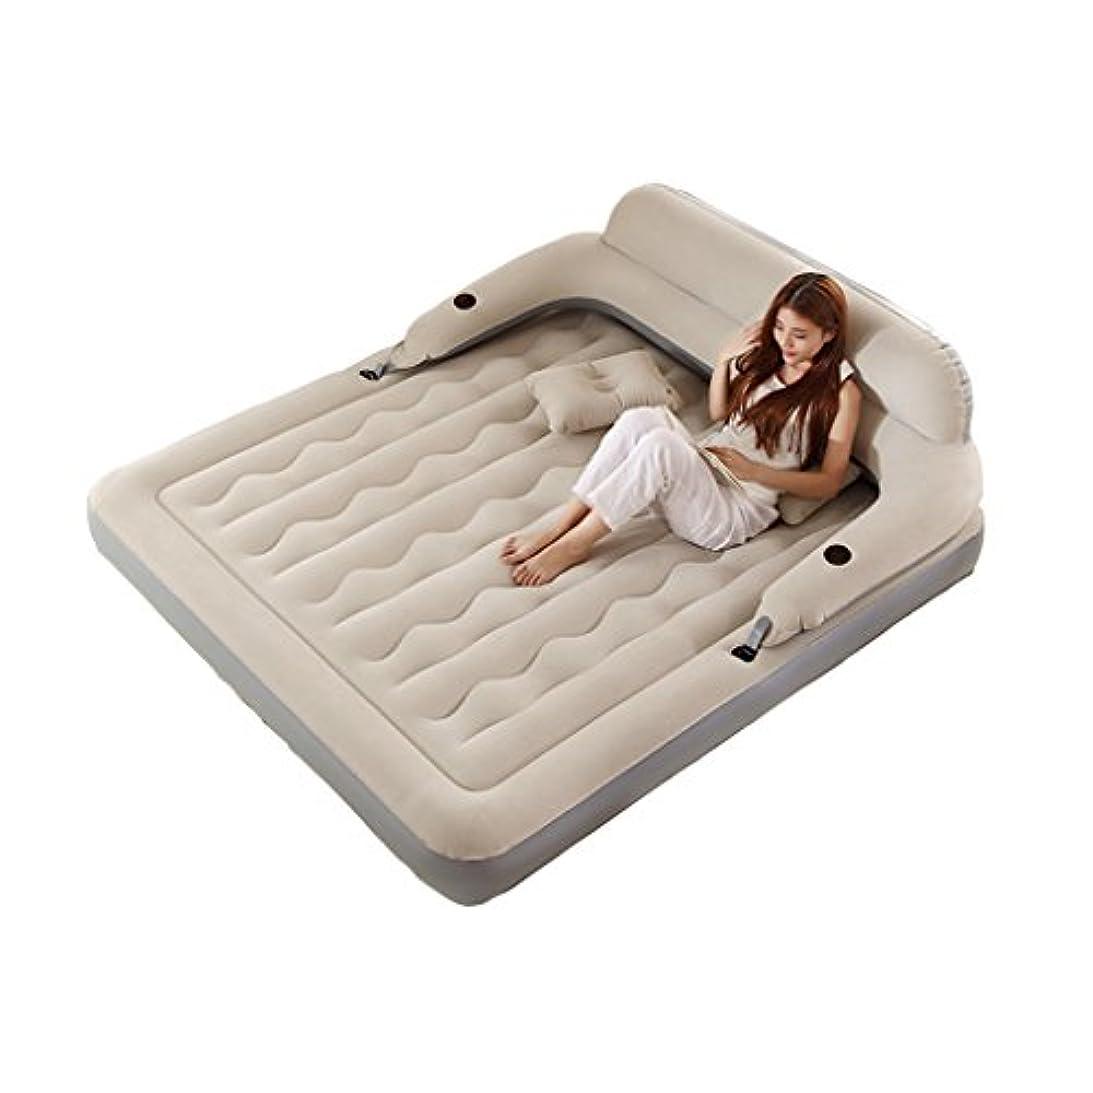 追い付く共同選択珍味ベッド、インフレータブルマットレス家庭用屋外空気ベッドポータブル (色 : A, サイズ さいず : 152CM*203CM*19CM)